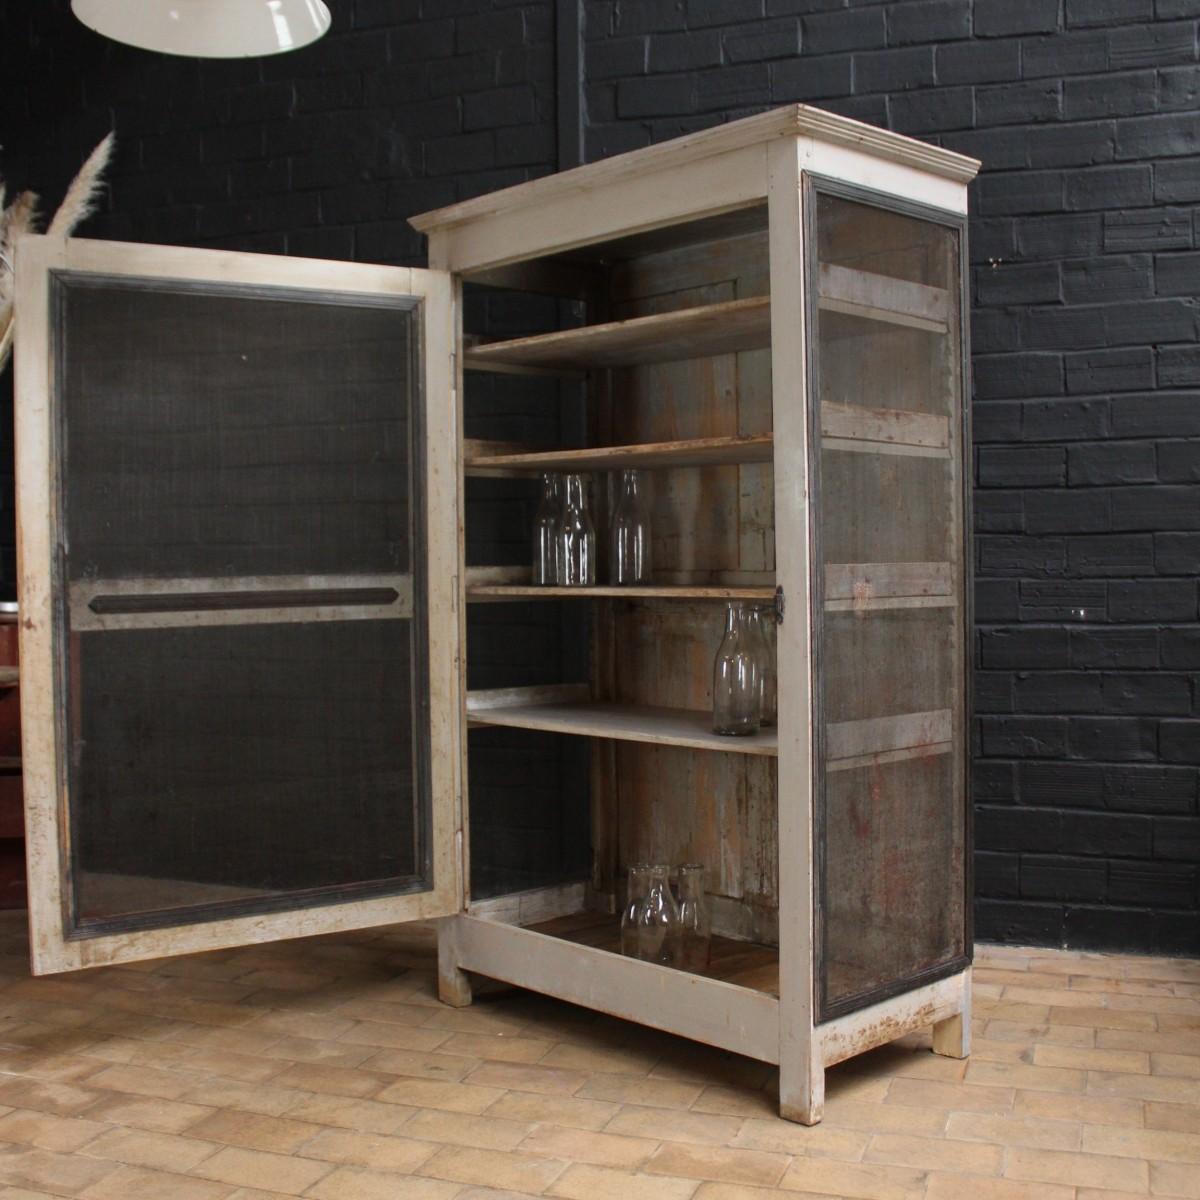 ancien garde manger en bois. Black Bedroom Furniture Sets. Home Design Ideas